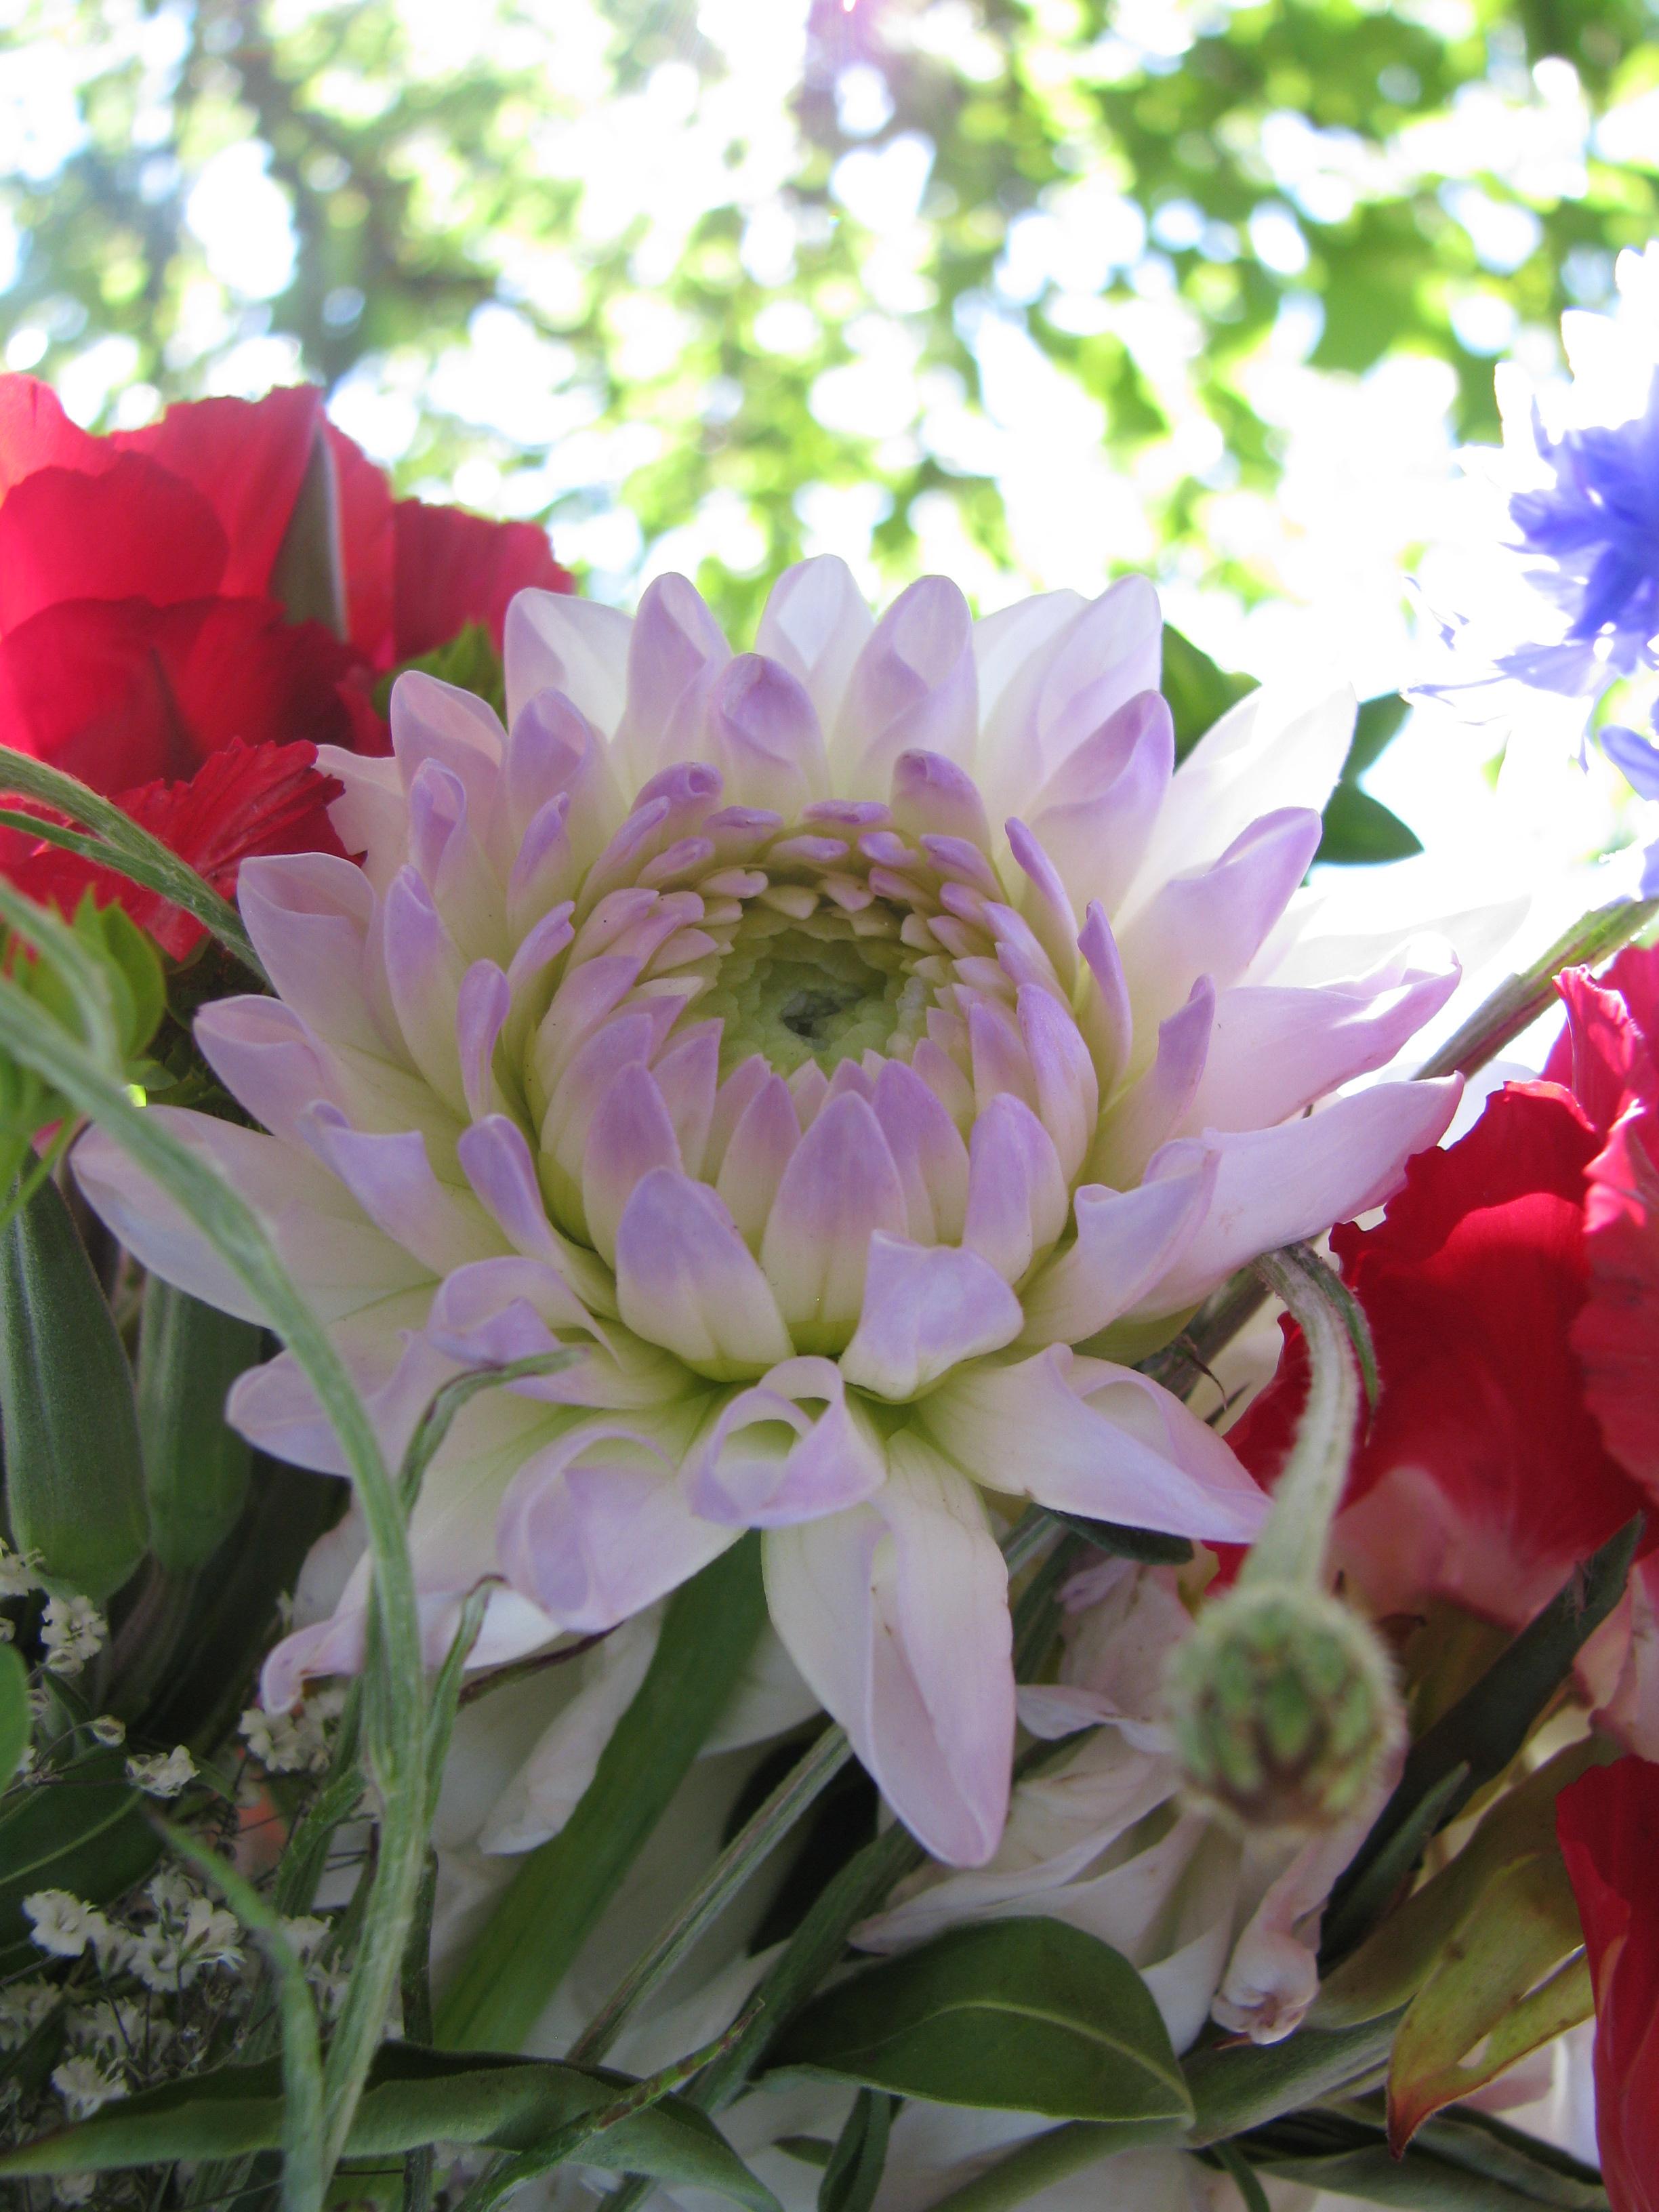 Definition Flower 3 by brat1 on DeviantArt